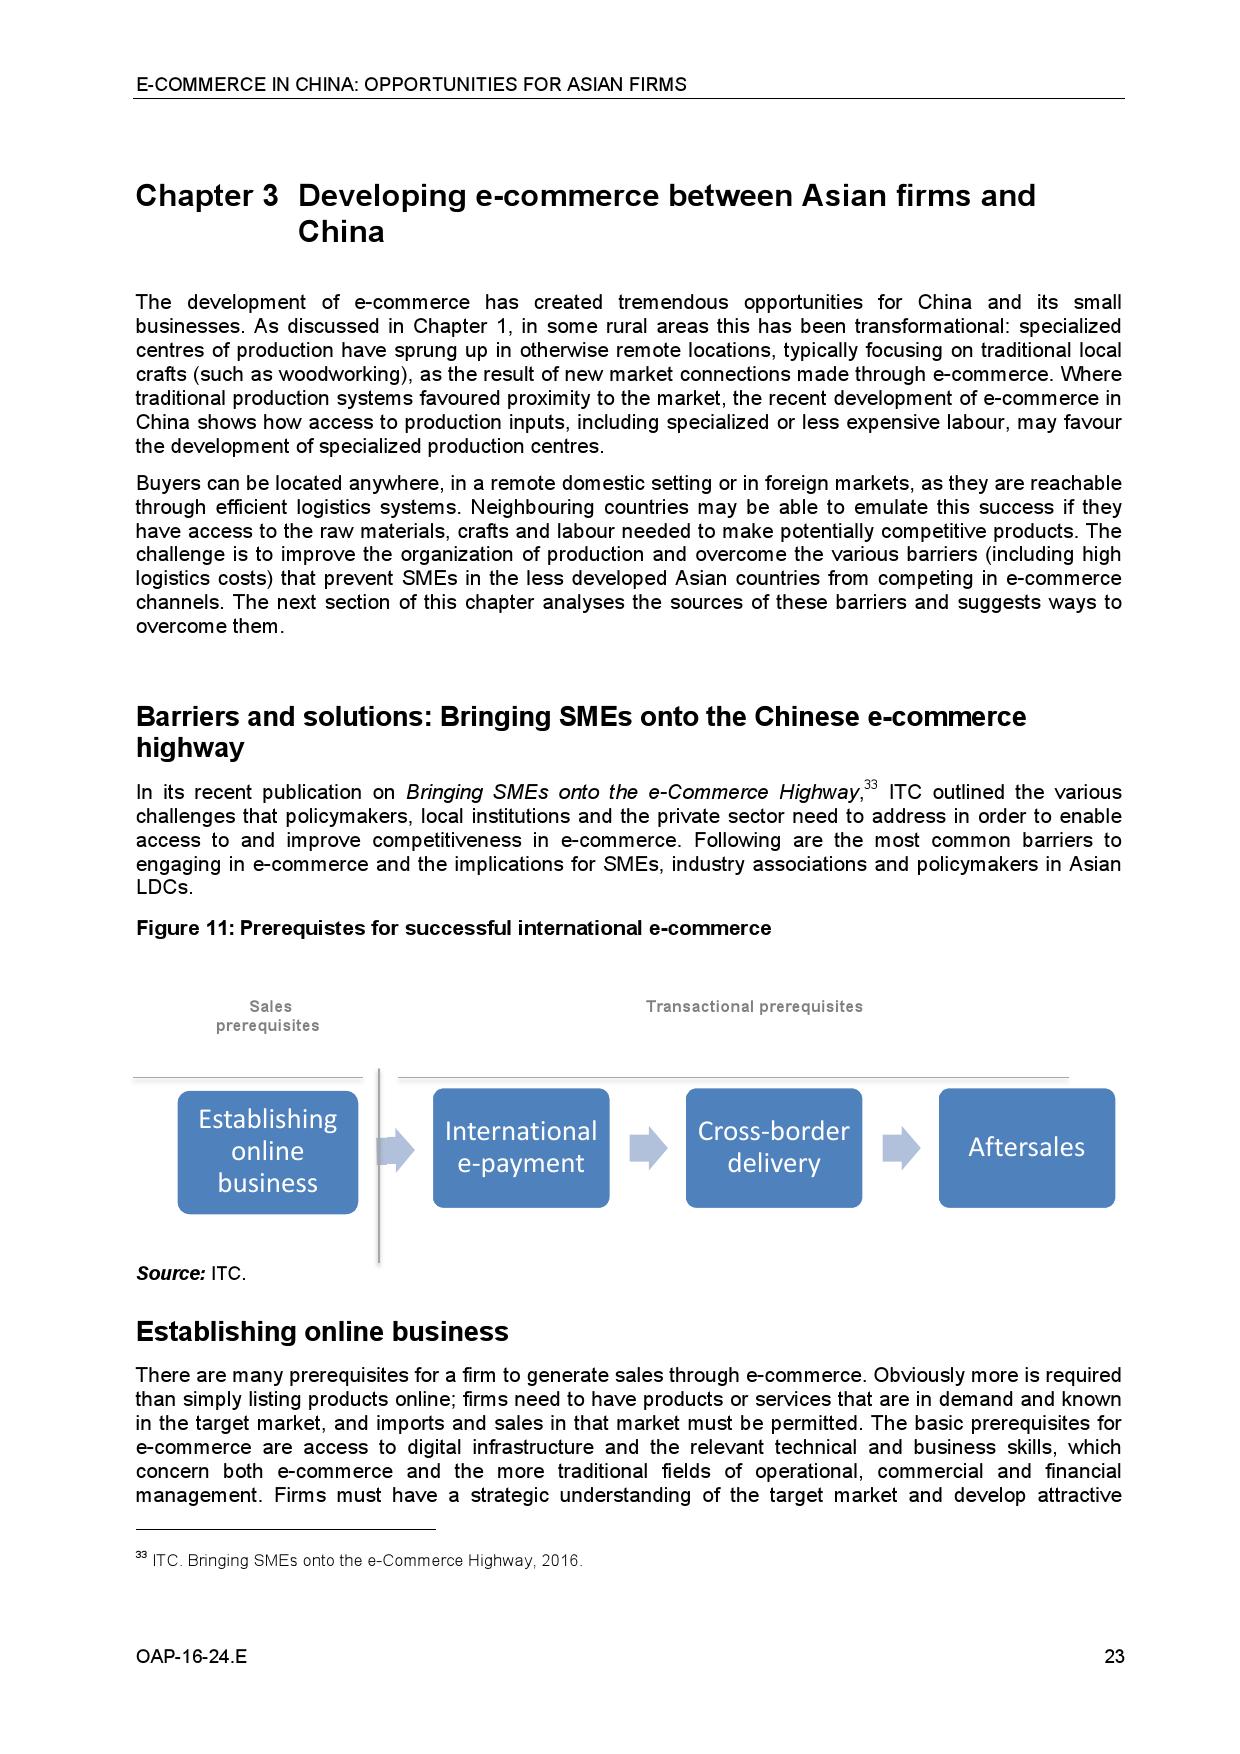 中国电子商务:对亚洲企业的机遇_000035